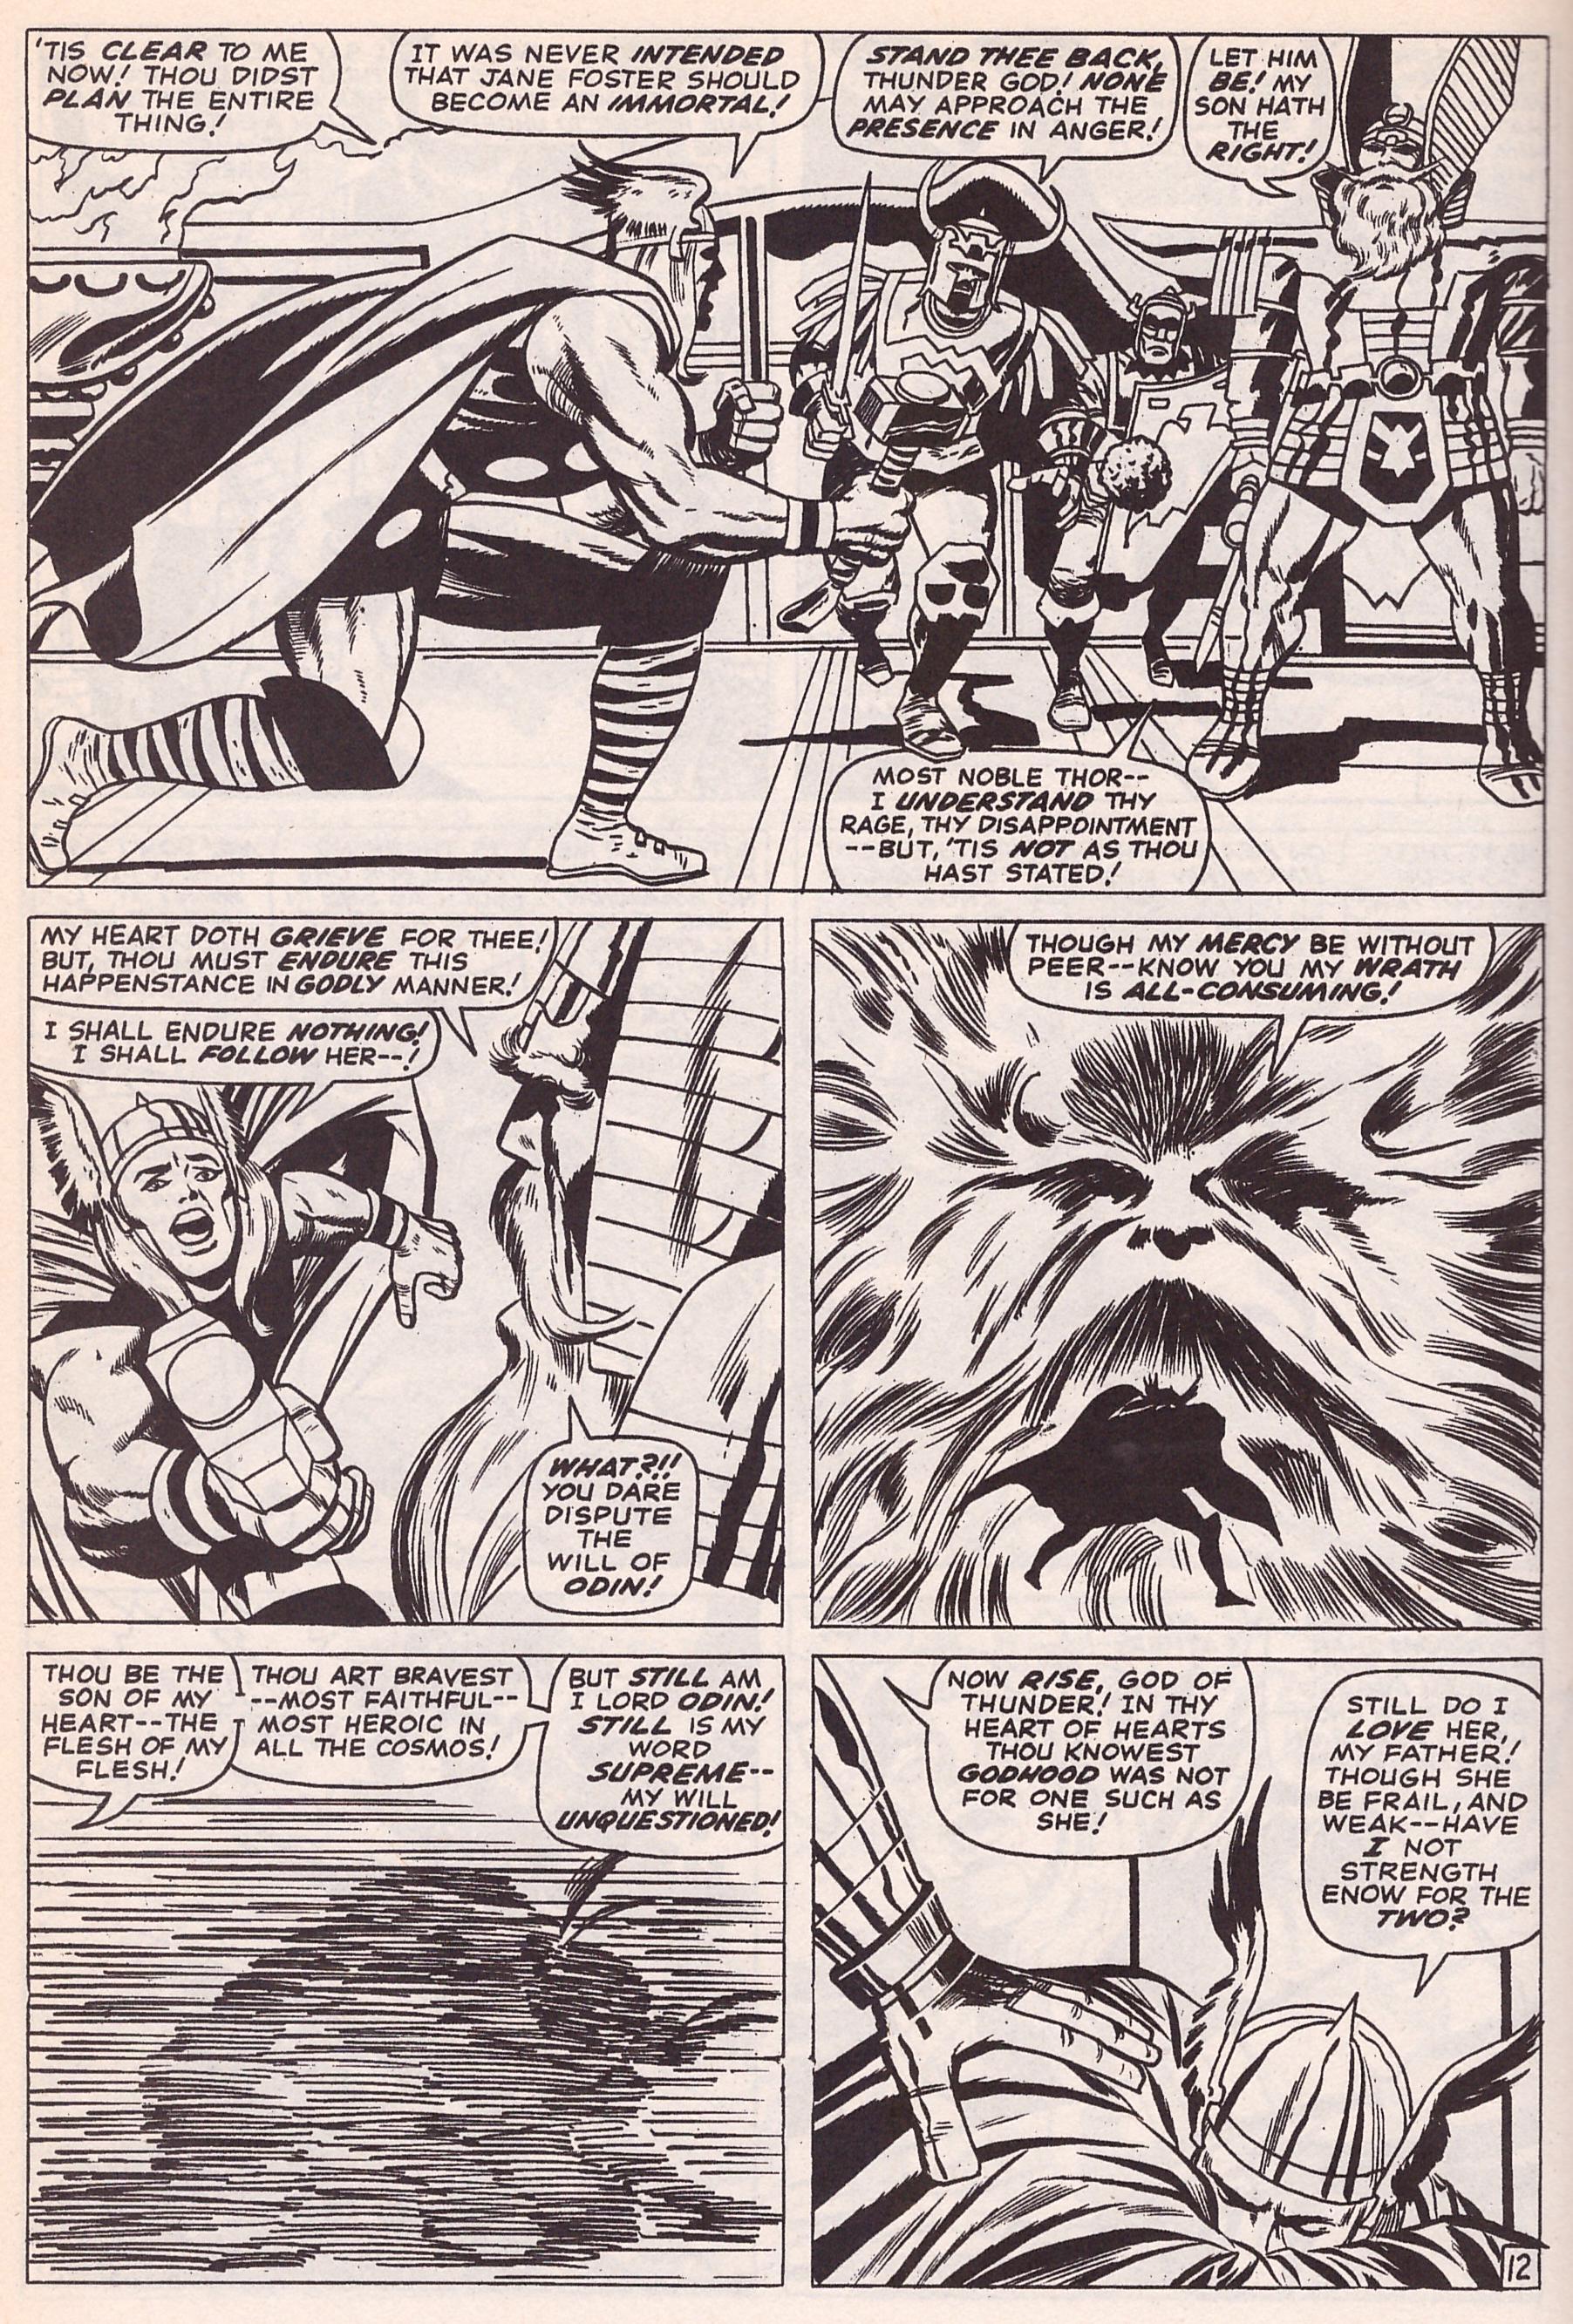 Essential Thor Vol 2 review